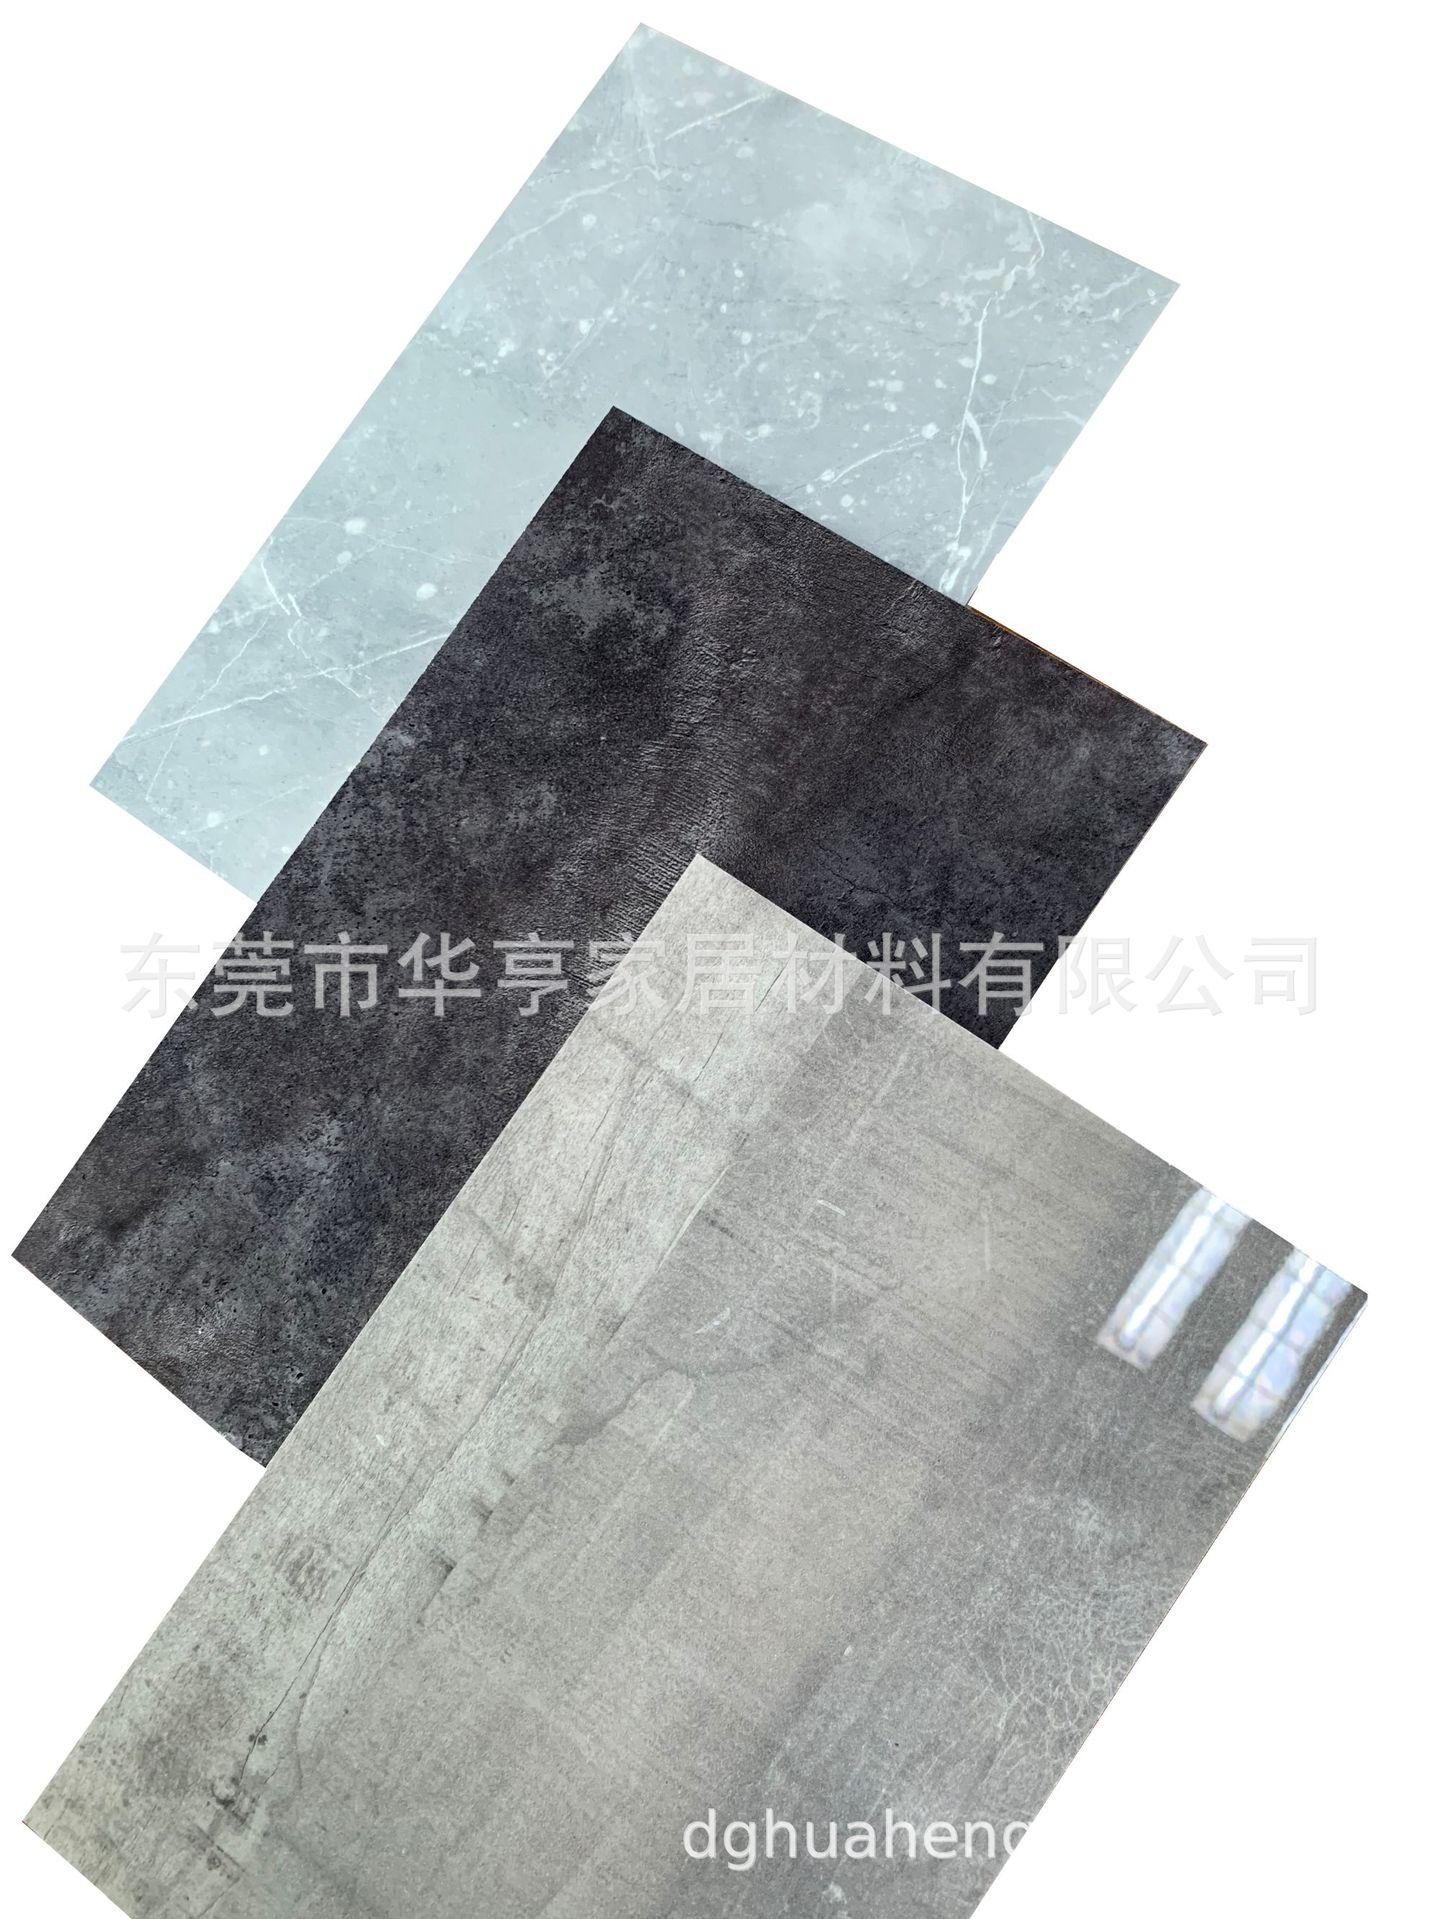 木纹UV板价格/UV橱柜门板厂家/高光UV板